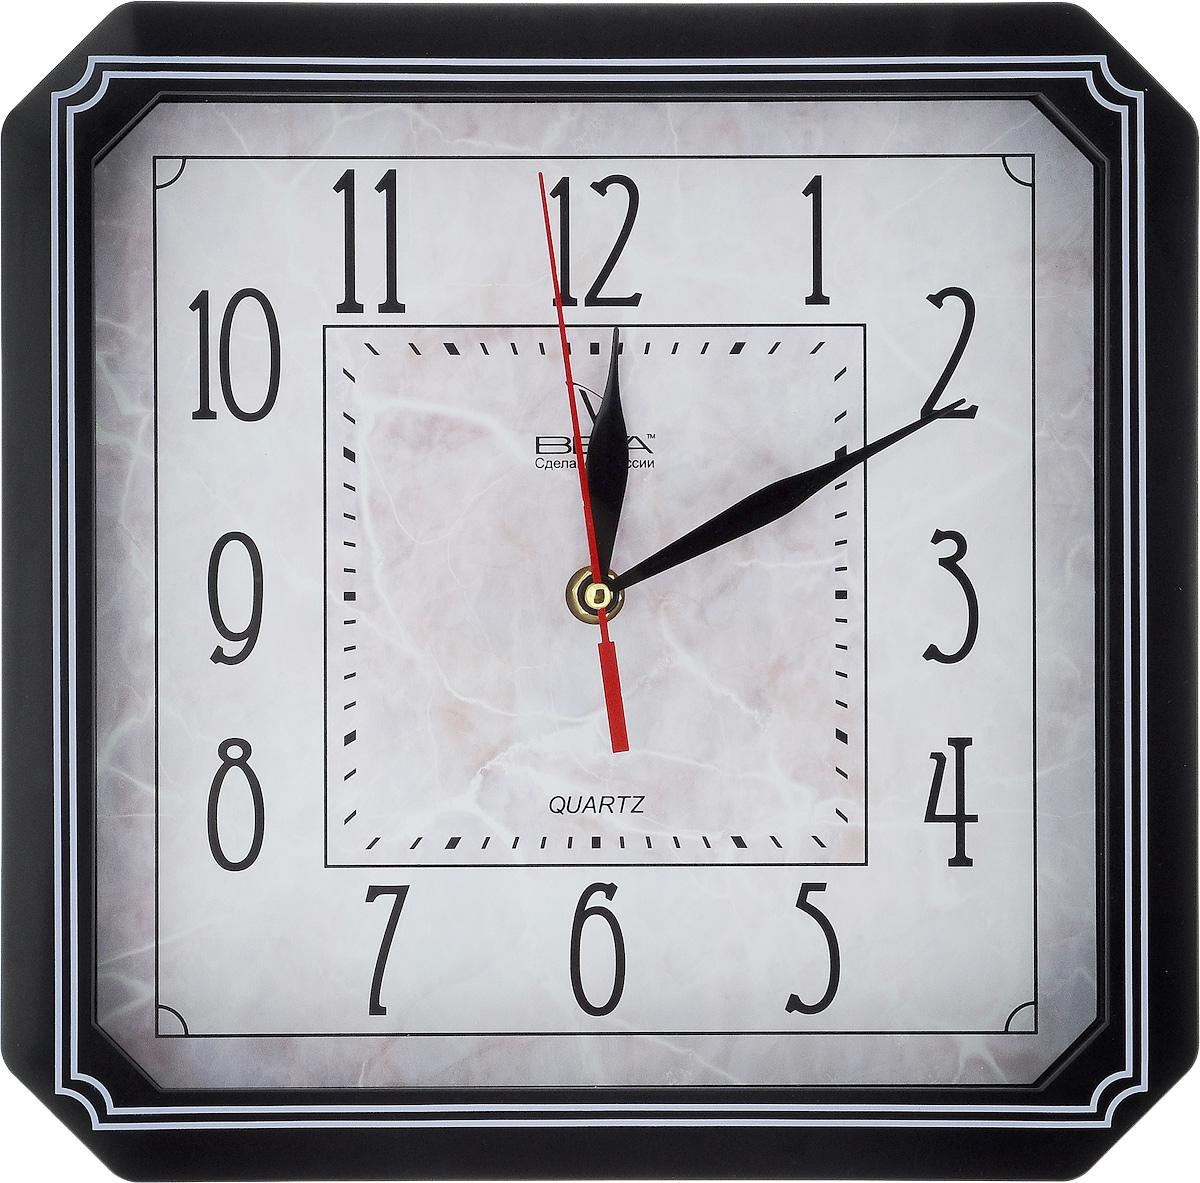 Часы настенные Вега Классика, 27,8 х 27,8 см. П4-61321П3-14-131Настенные кварцевые часы Вега Классика, изготовленные из пластика, прекрасно впишутся в интерьер вашего дома. Часы имеют три стрелки: часовую, минутную и секундную, циферблат защищен прозрачным стеклом. Часы работают от 1 батарейки типа АА напряжением 1,5 В (не входит в комплект).Прилагается инструкция по эксплуатации.